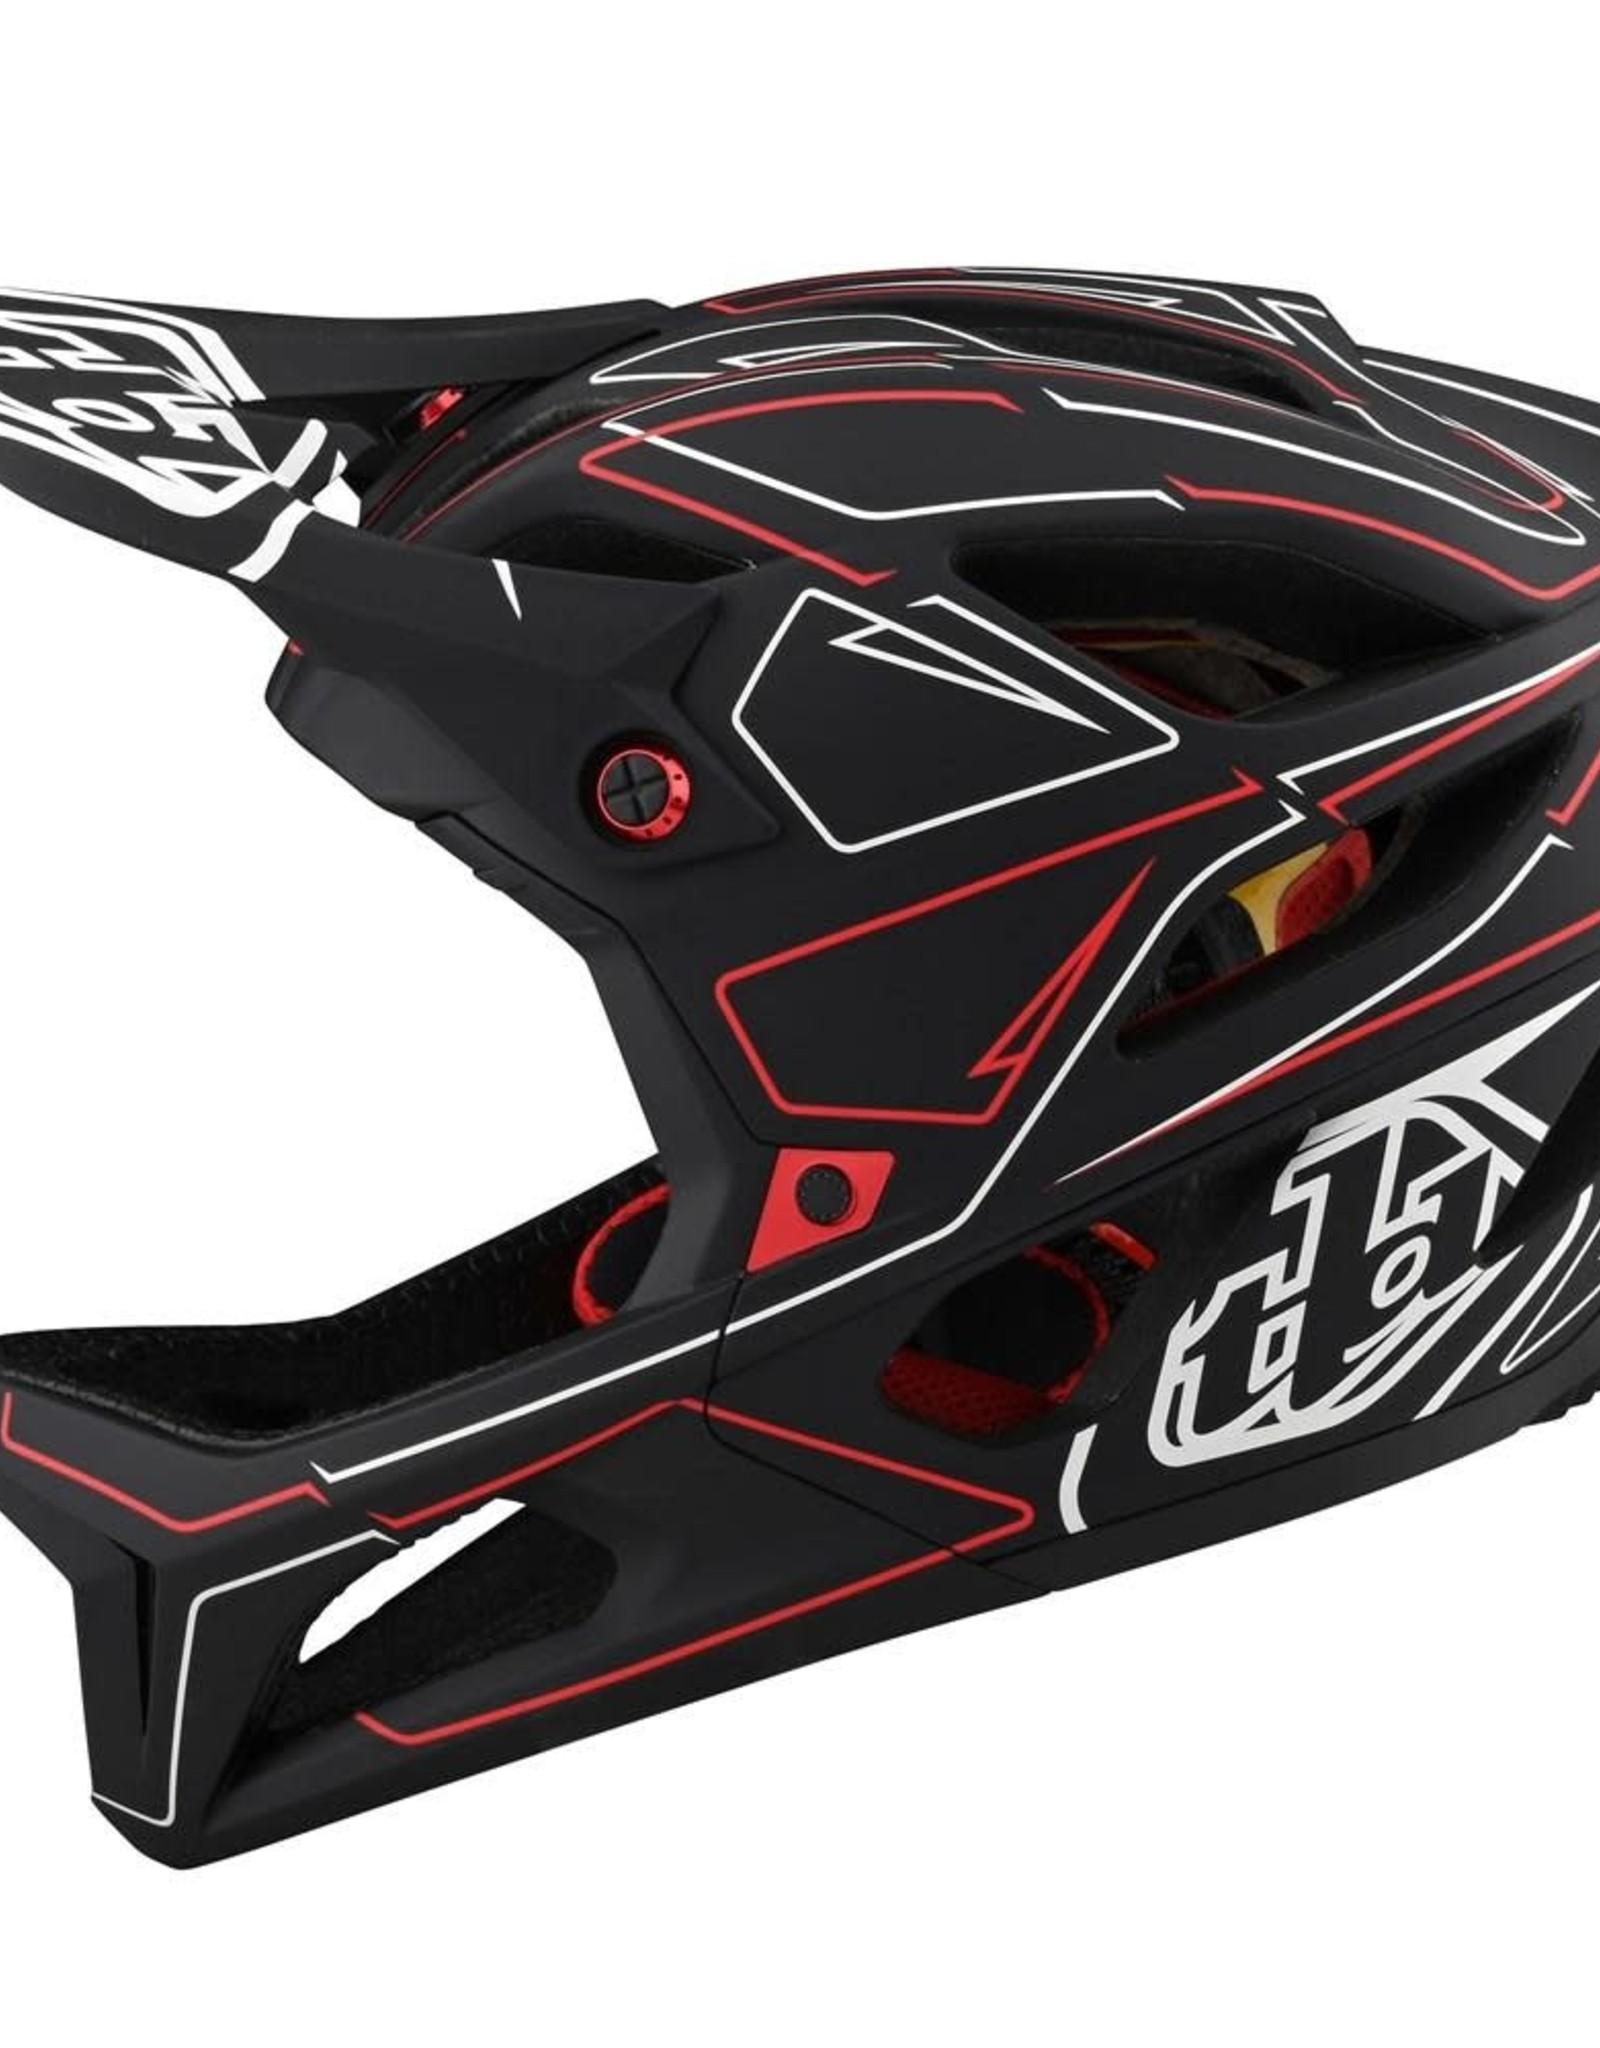 Troy Lee Designs Troy Lee Designs 22 Stage MIPS Helmet Pinstripe Black/Red